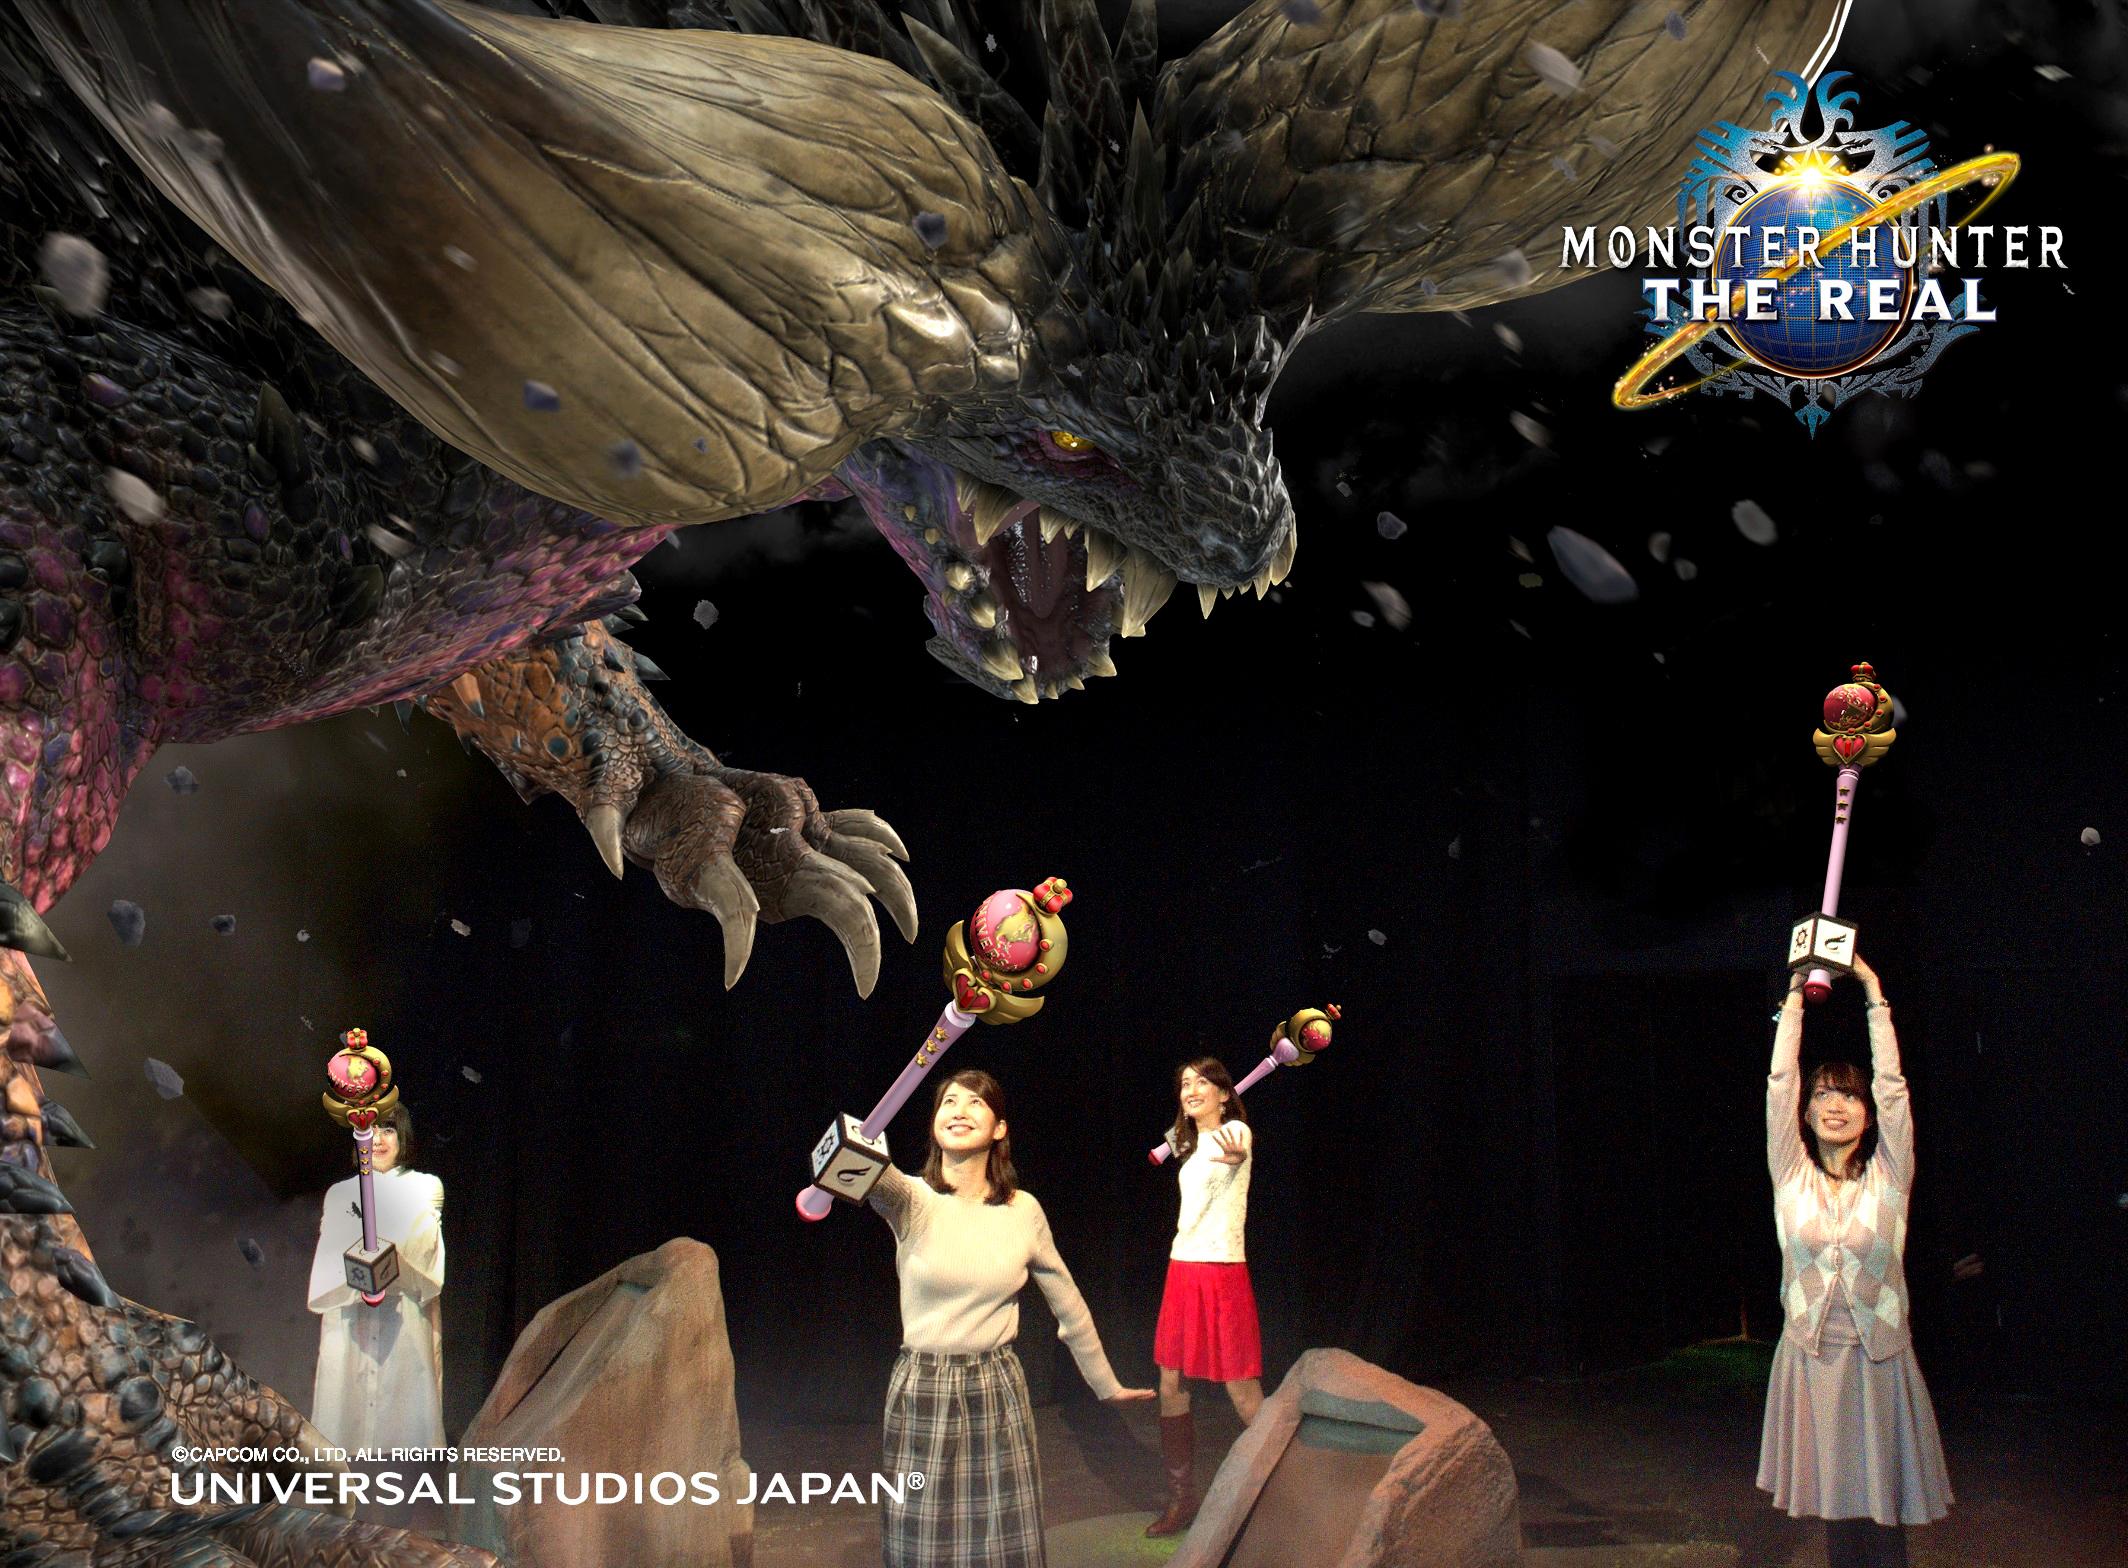 代表月亮去打猎??日本环球影城《怪物猎人》项目将与《美少女战士》展开合作!-ANICOGA